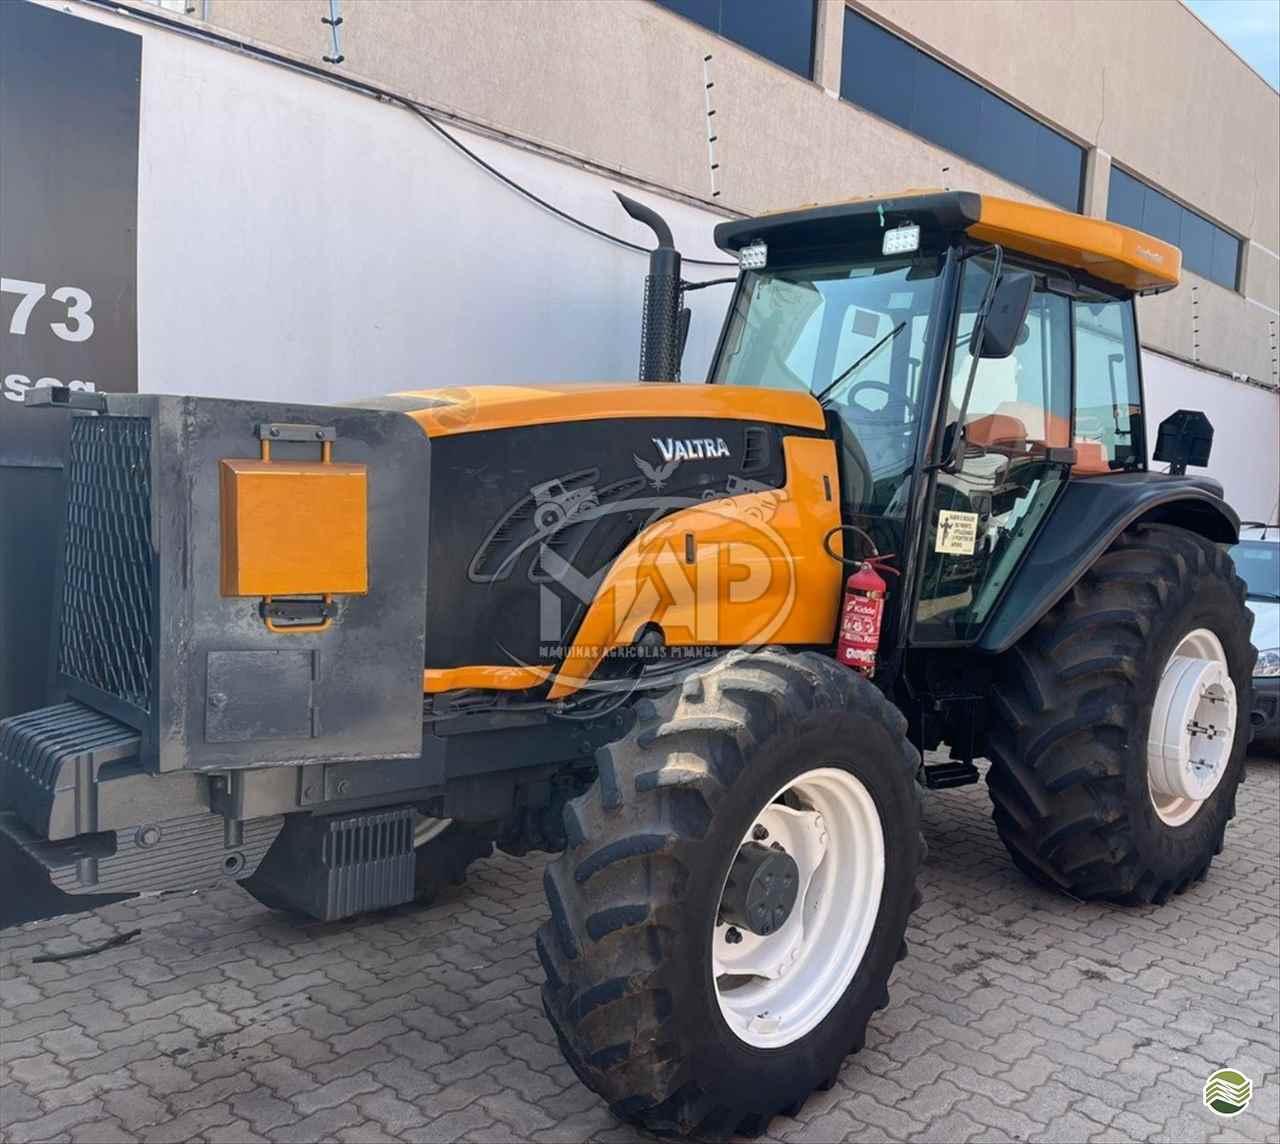 TRATOR VALTRA VALTRA BM 125 Tração 4x4 Máquinas Agrícolas Pitanga PITANGA PARANÁ PR